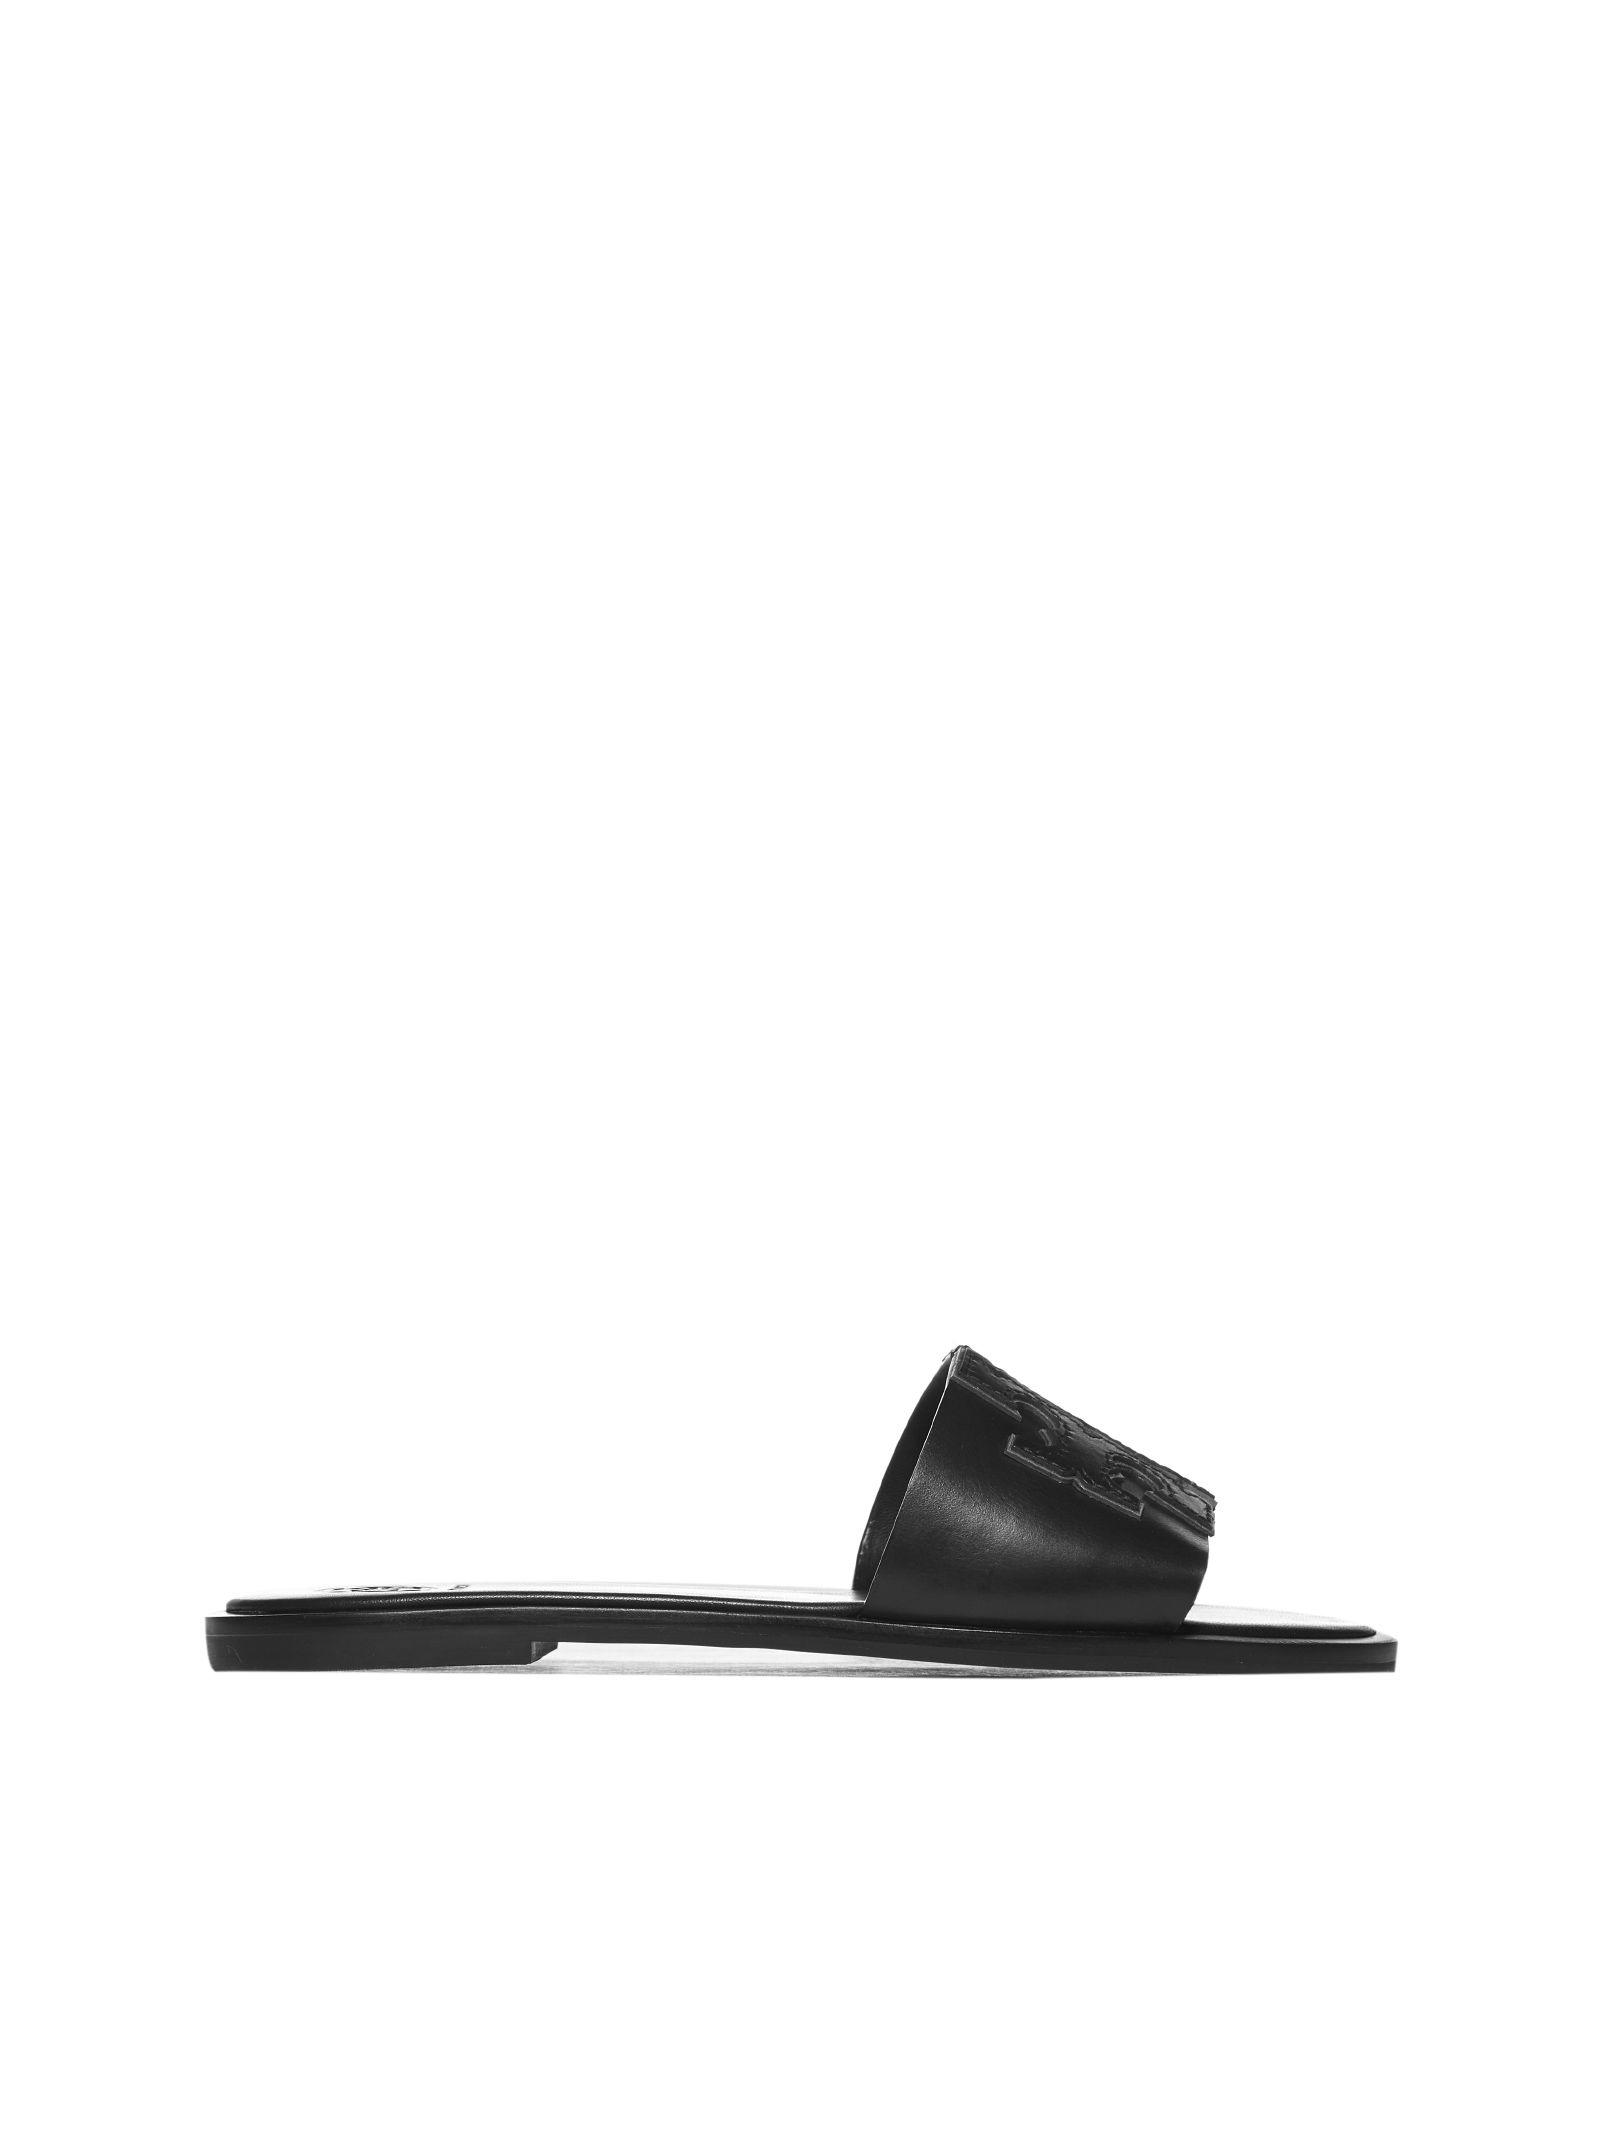 c021cea0da7a Tory Burch Tory Burch Double T Logo Flat Sandals - Black - 10797457 ...